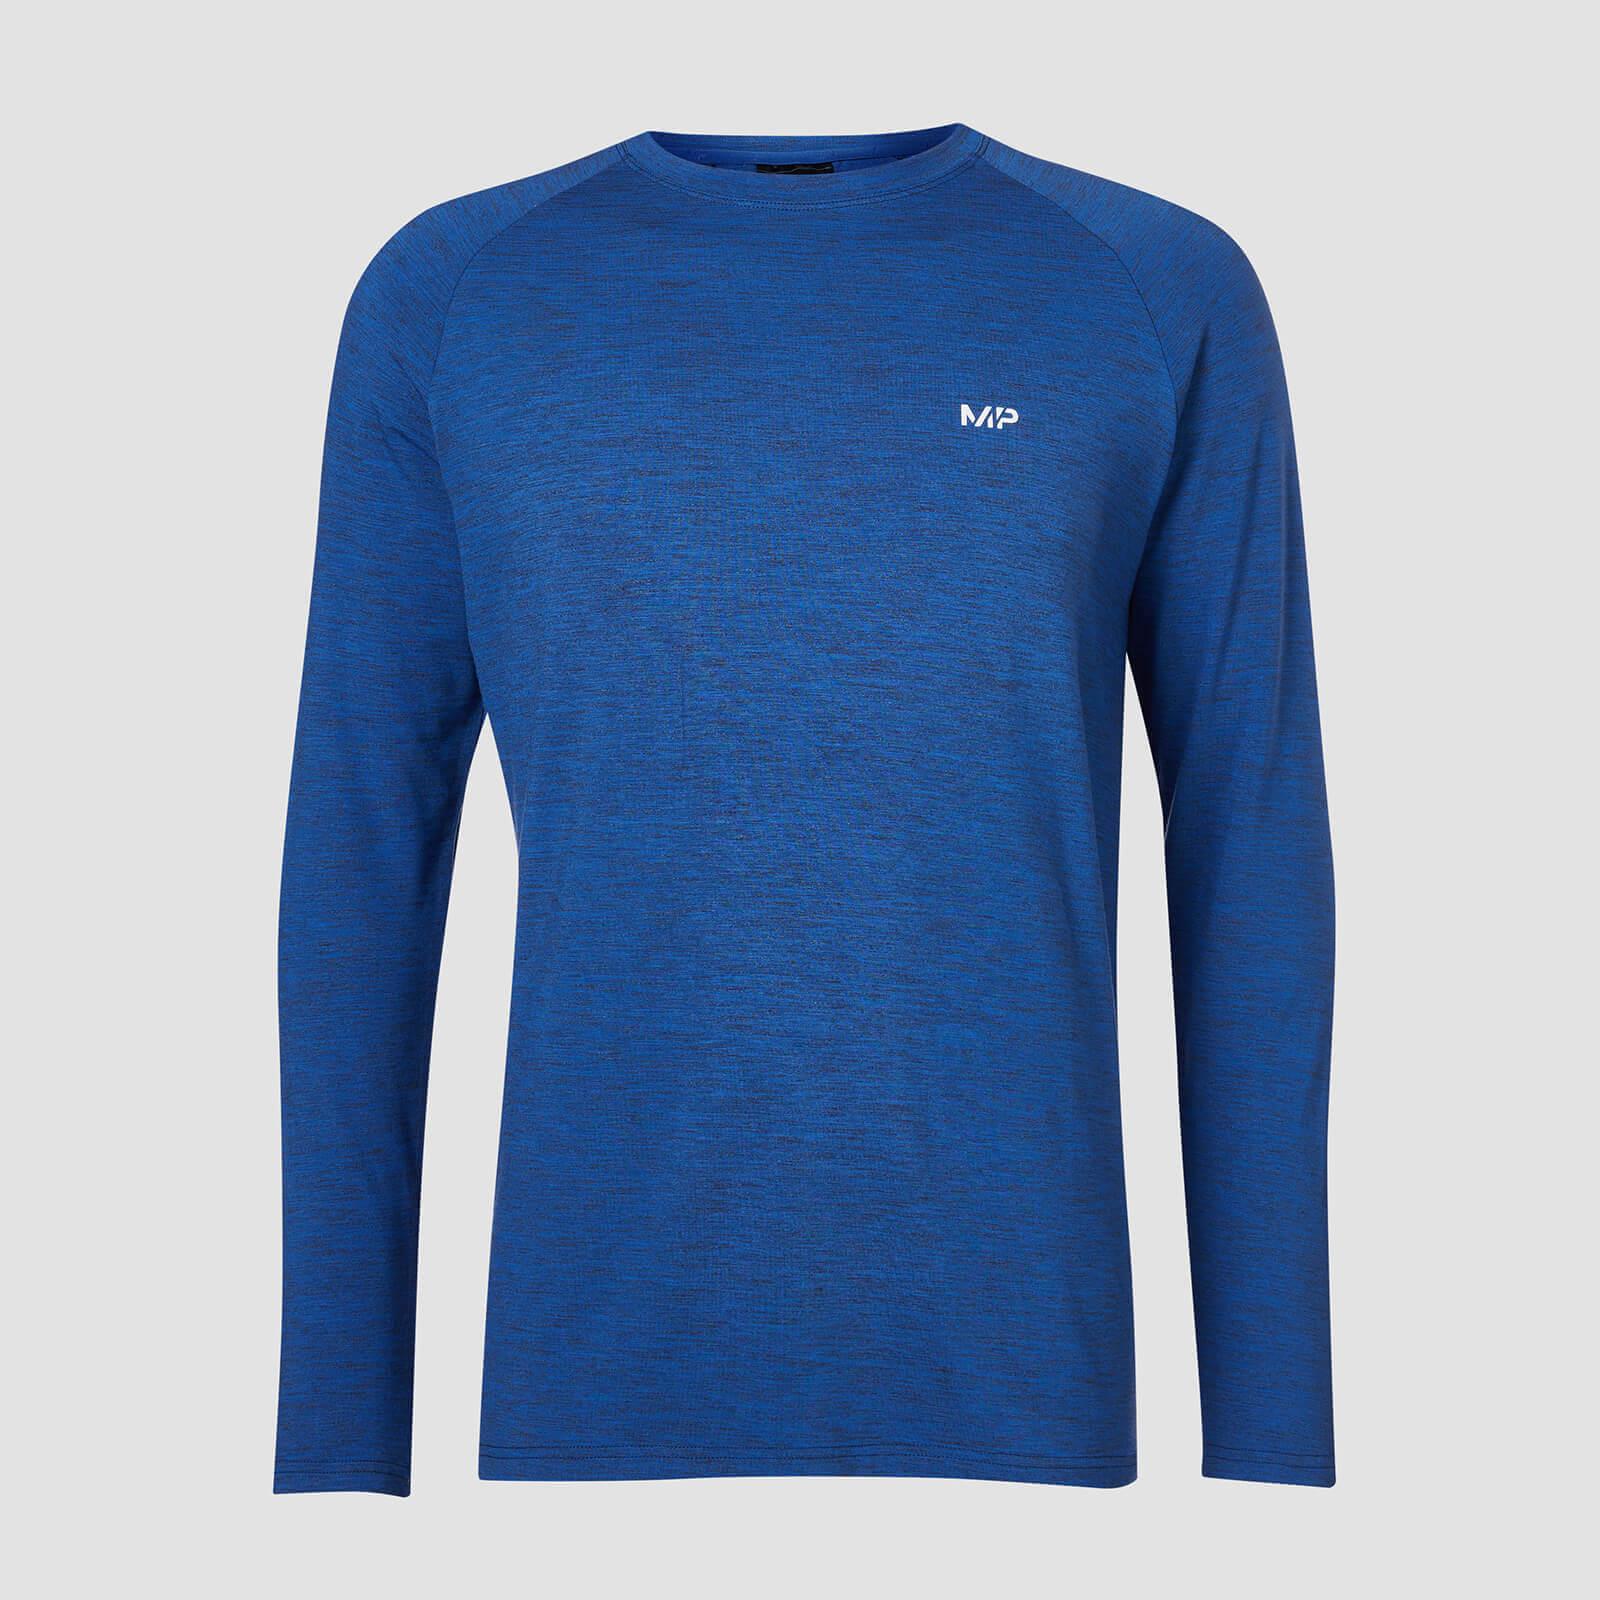 Myprotein MP Performance Long Sleeve T-Shirt - Blå/Svart - XXL